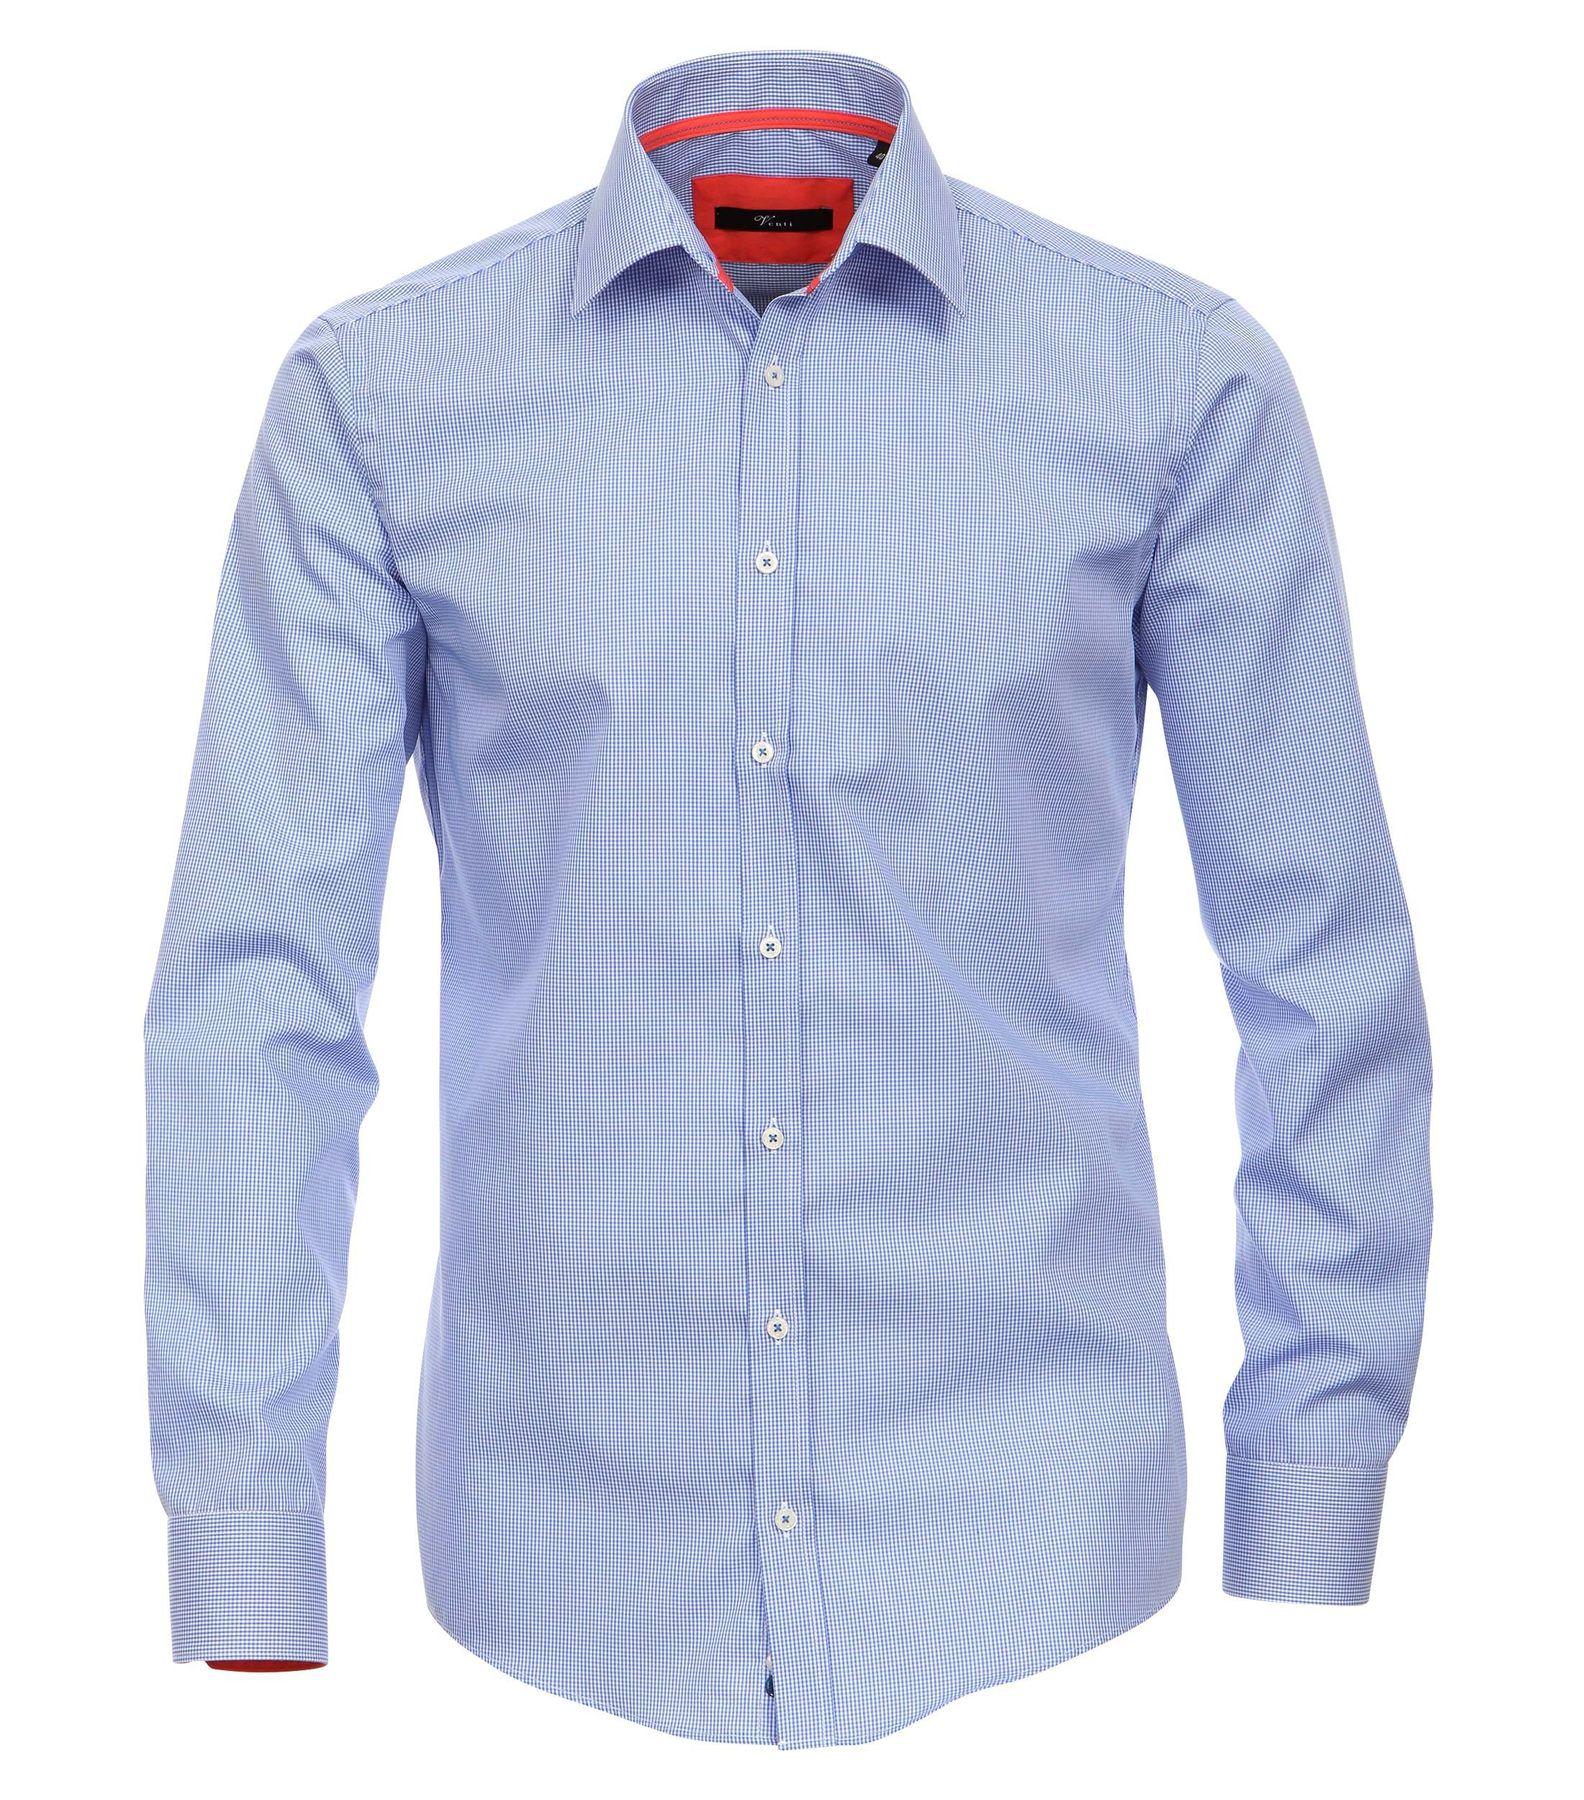 Venti - Slim Fit - Bügelfreies Herren Hemd mit Extra langem Arm (72cm) kariert in verschiedenen Farben (001862)